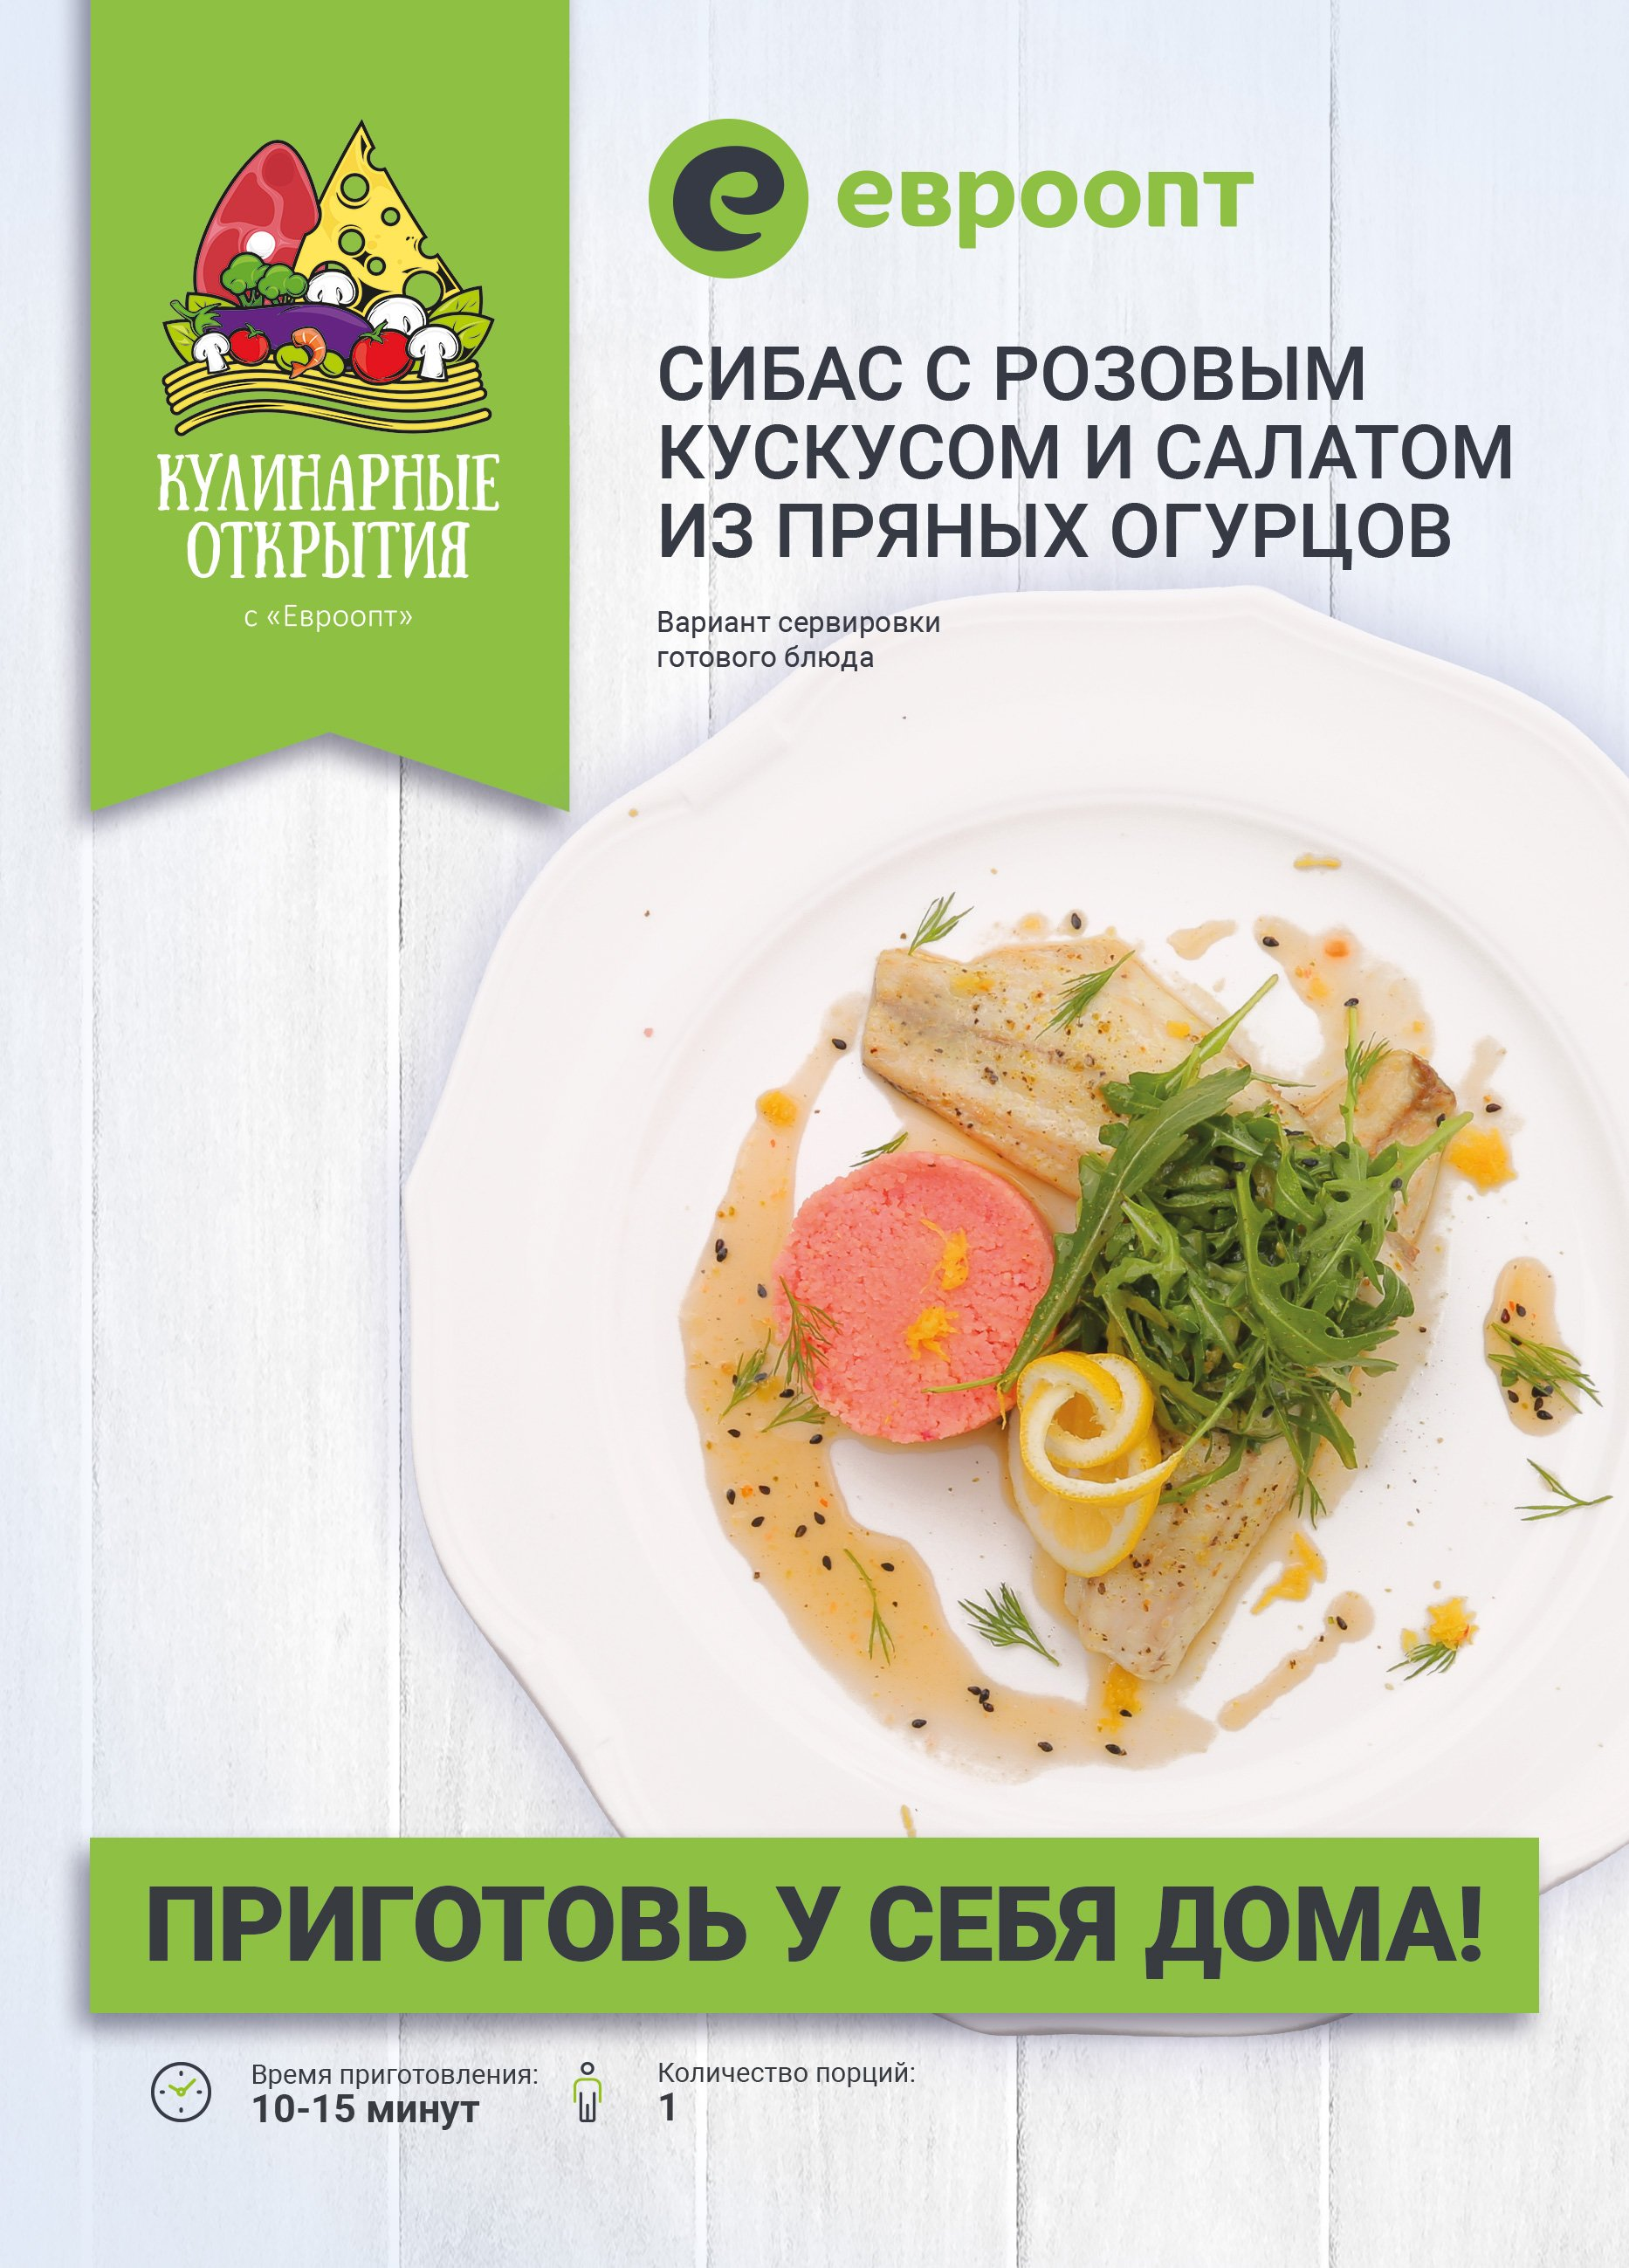 Рецепт сибас с розовым кускусом и салатом из пряных огурцов